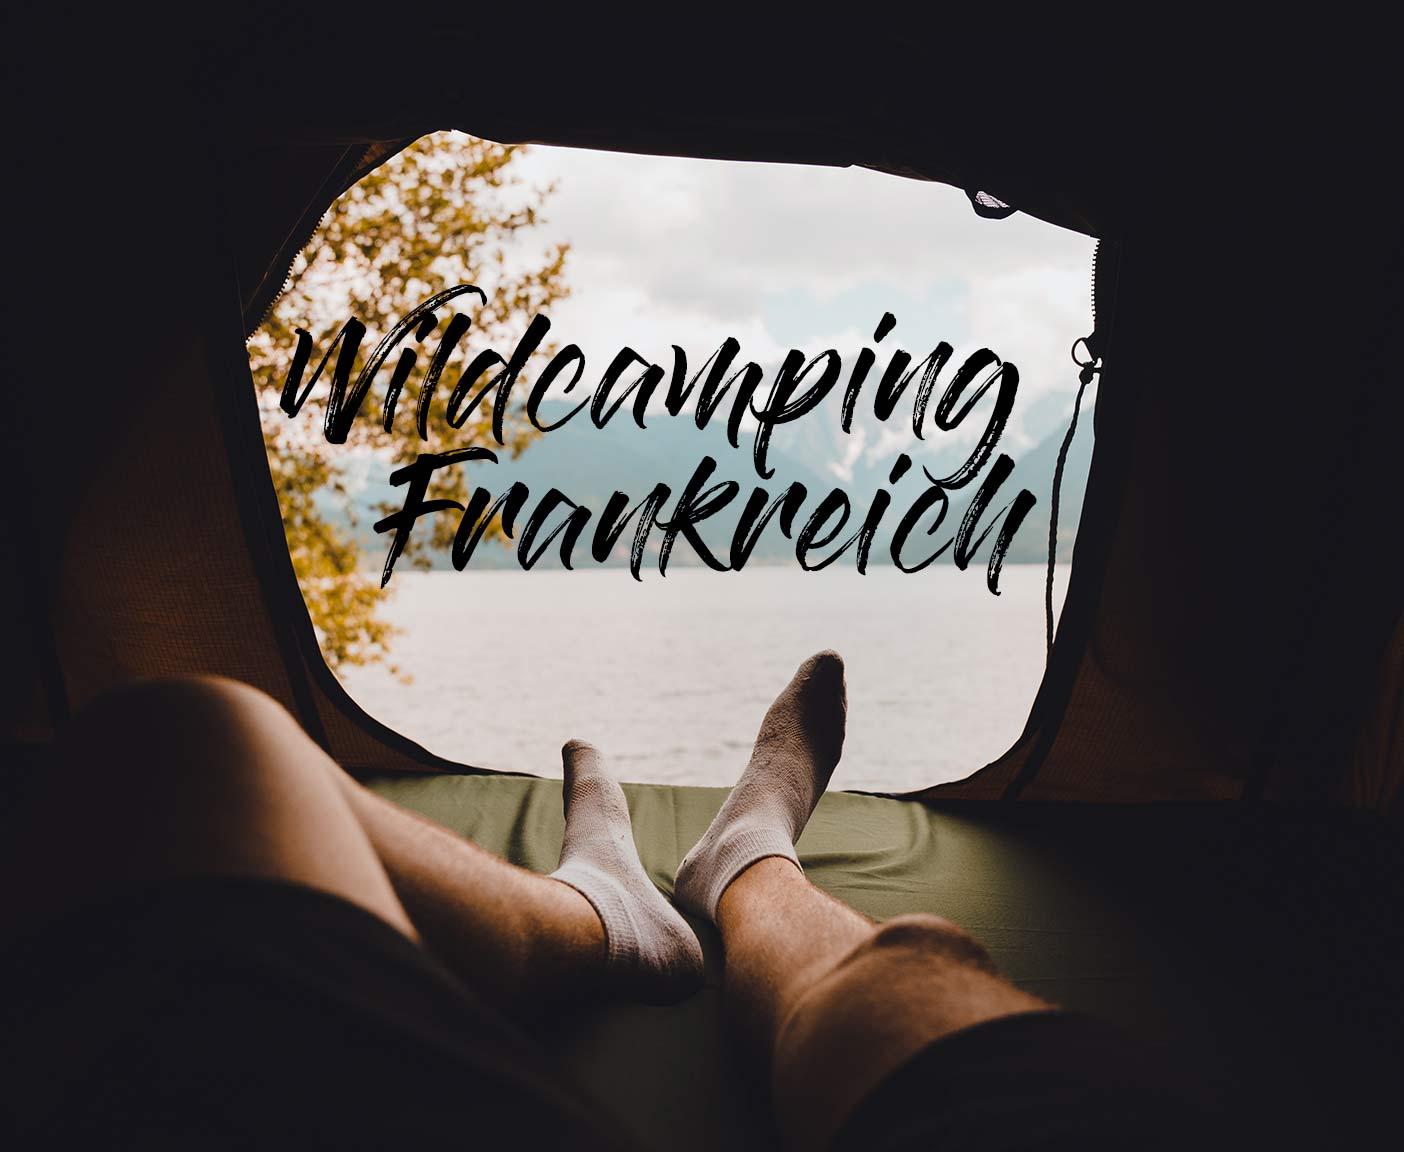 wildcamping-frankreich-wohnmobil-camper-frei-stehen-strafe